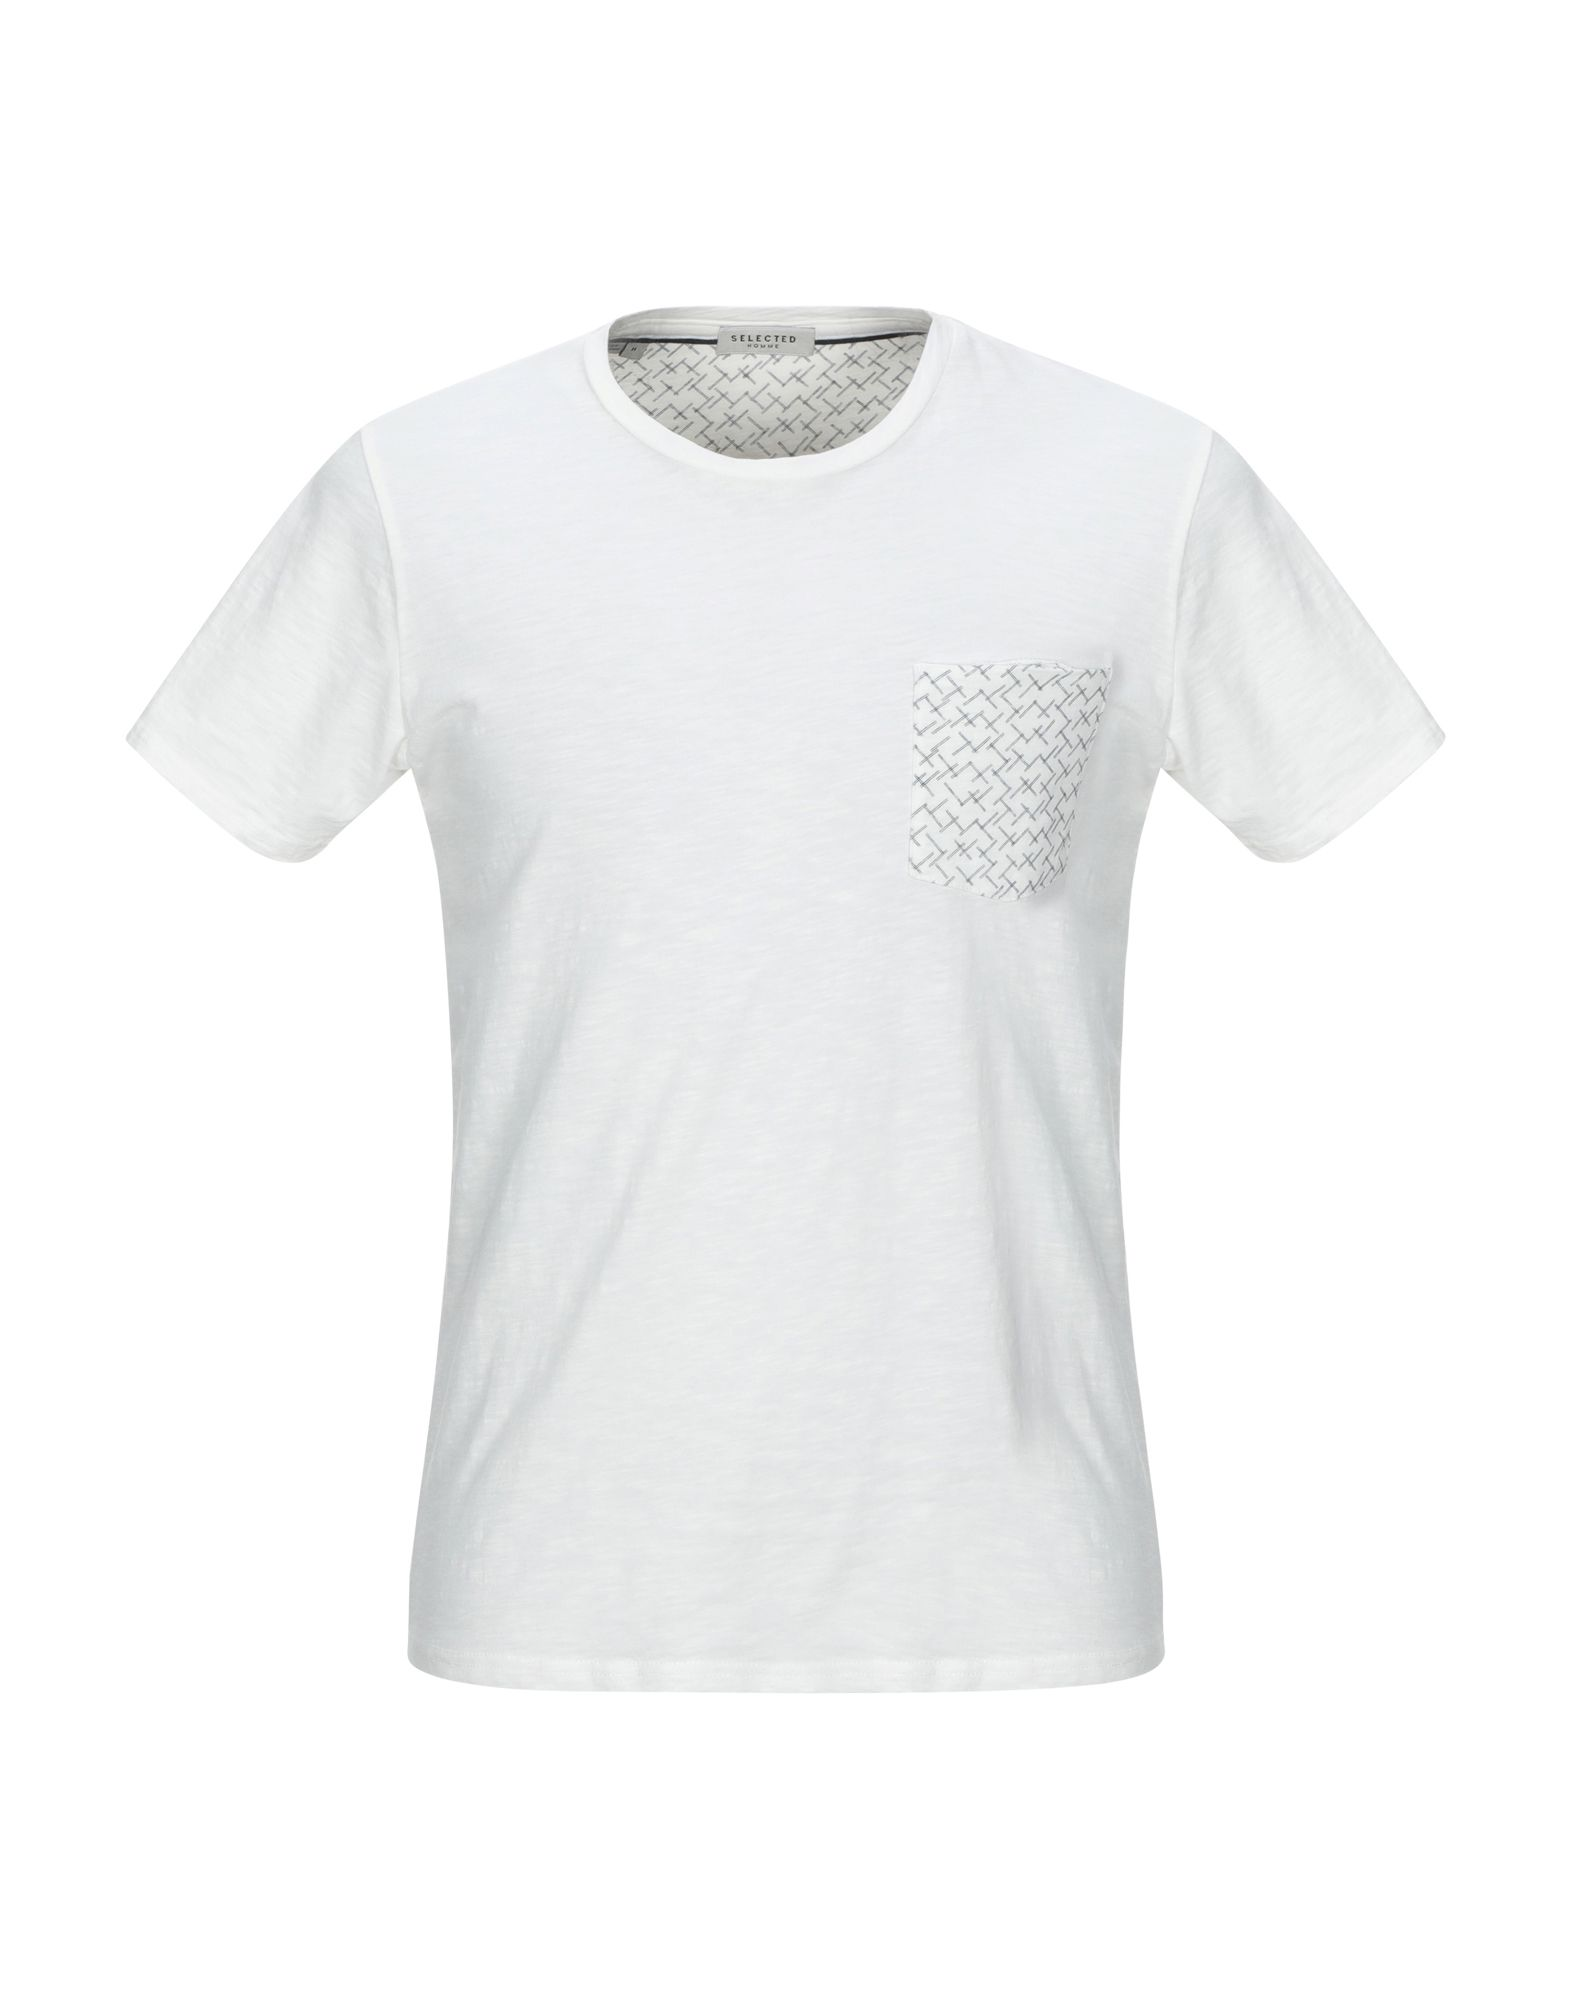 T-Shirt Selected Homme herren - 12330291XP